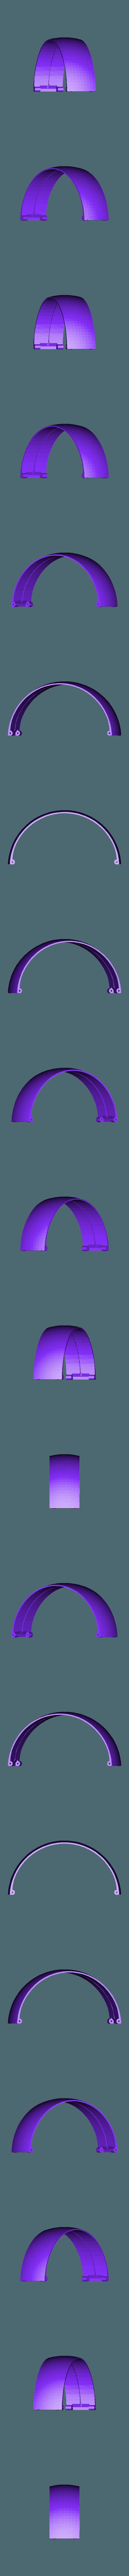 SonyGoldHeadband.STL Télécharger fichier STL gratuit Serre-tête de remplacement Sony Gold Wireless Heaset • Design pour imprimante 3D, Dsk